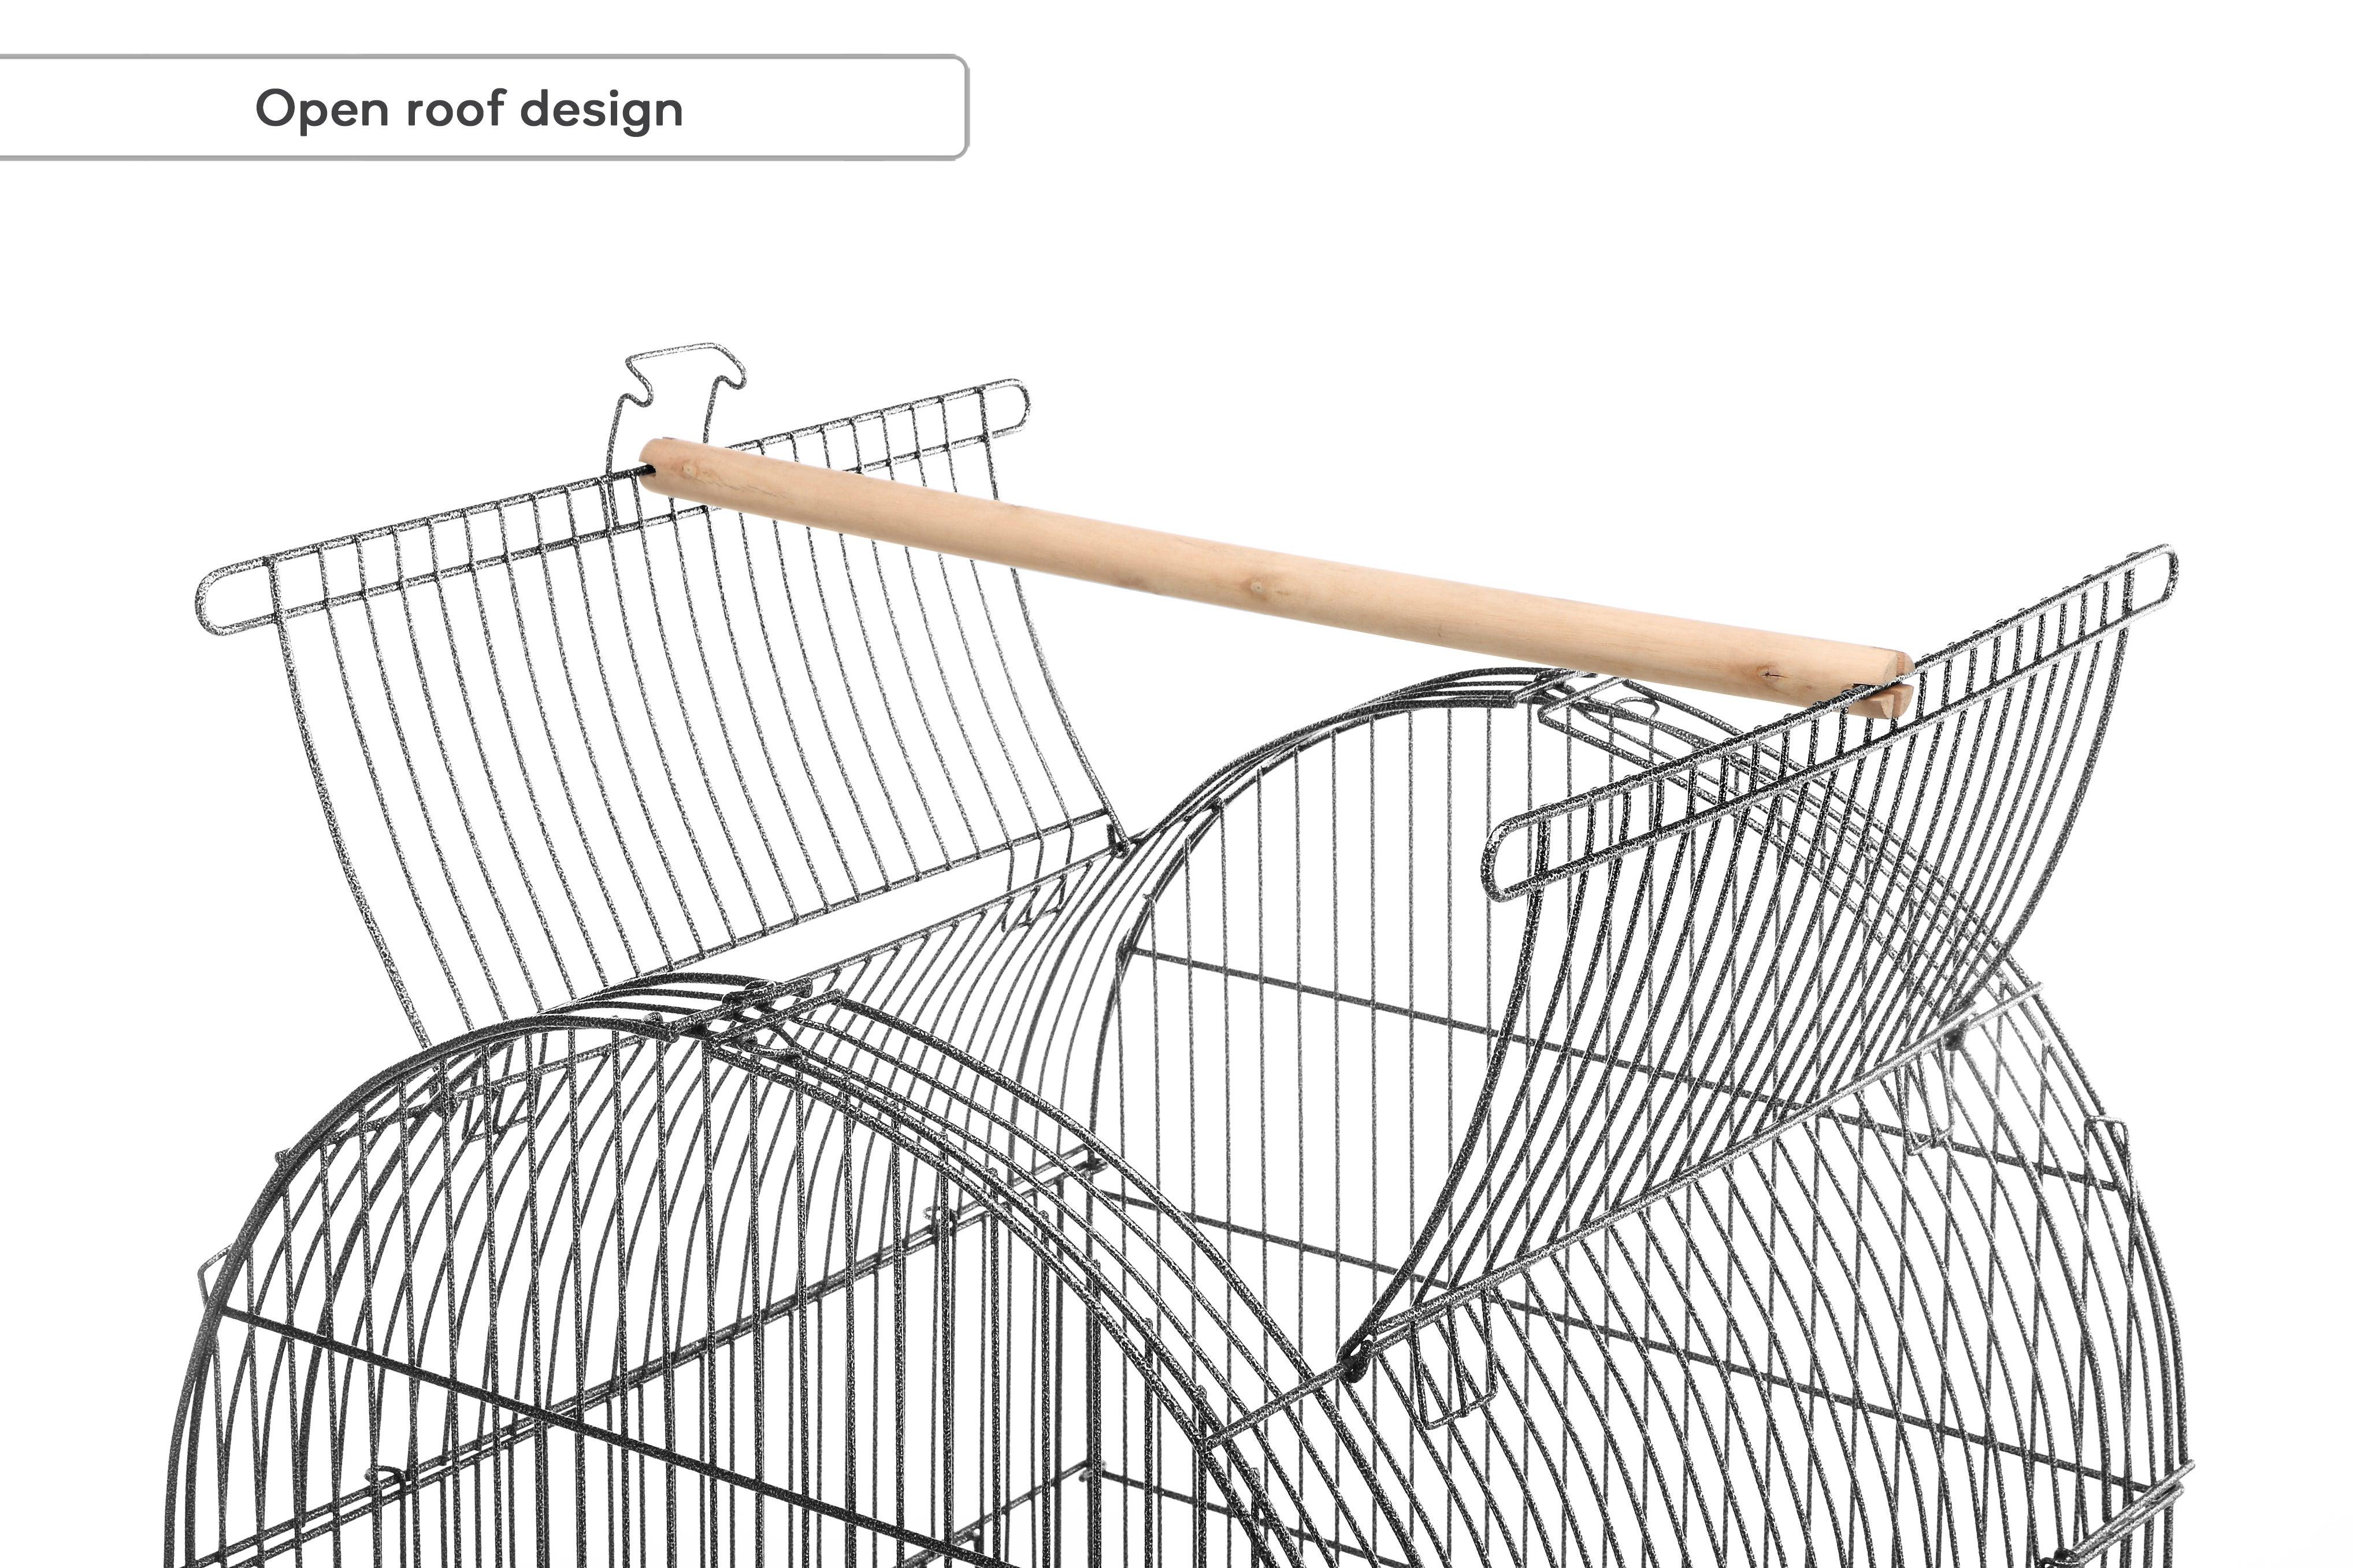 Open roof design